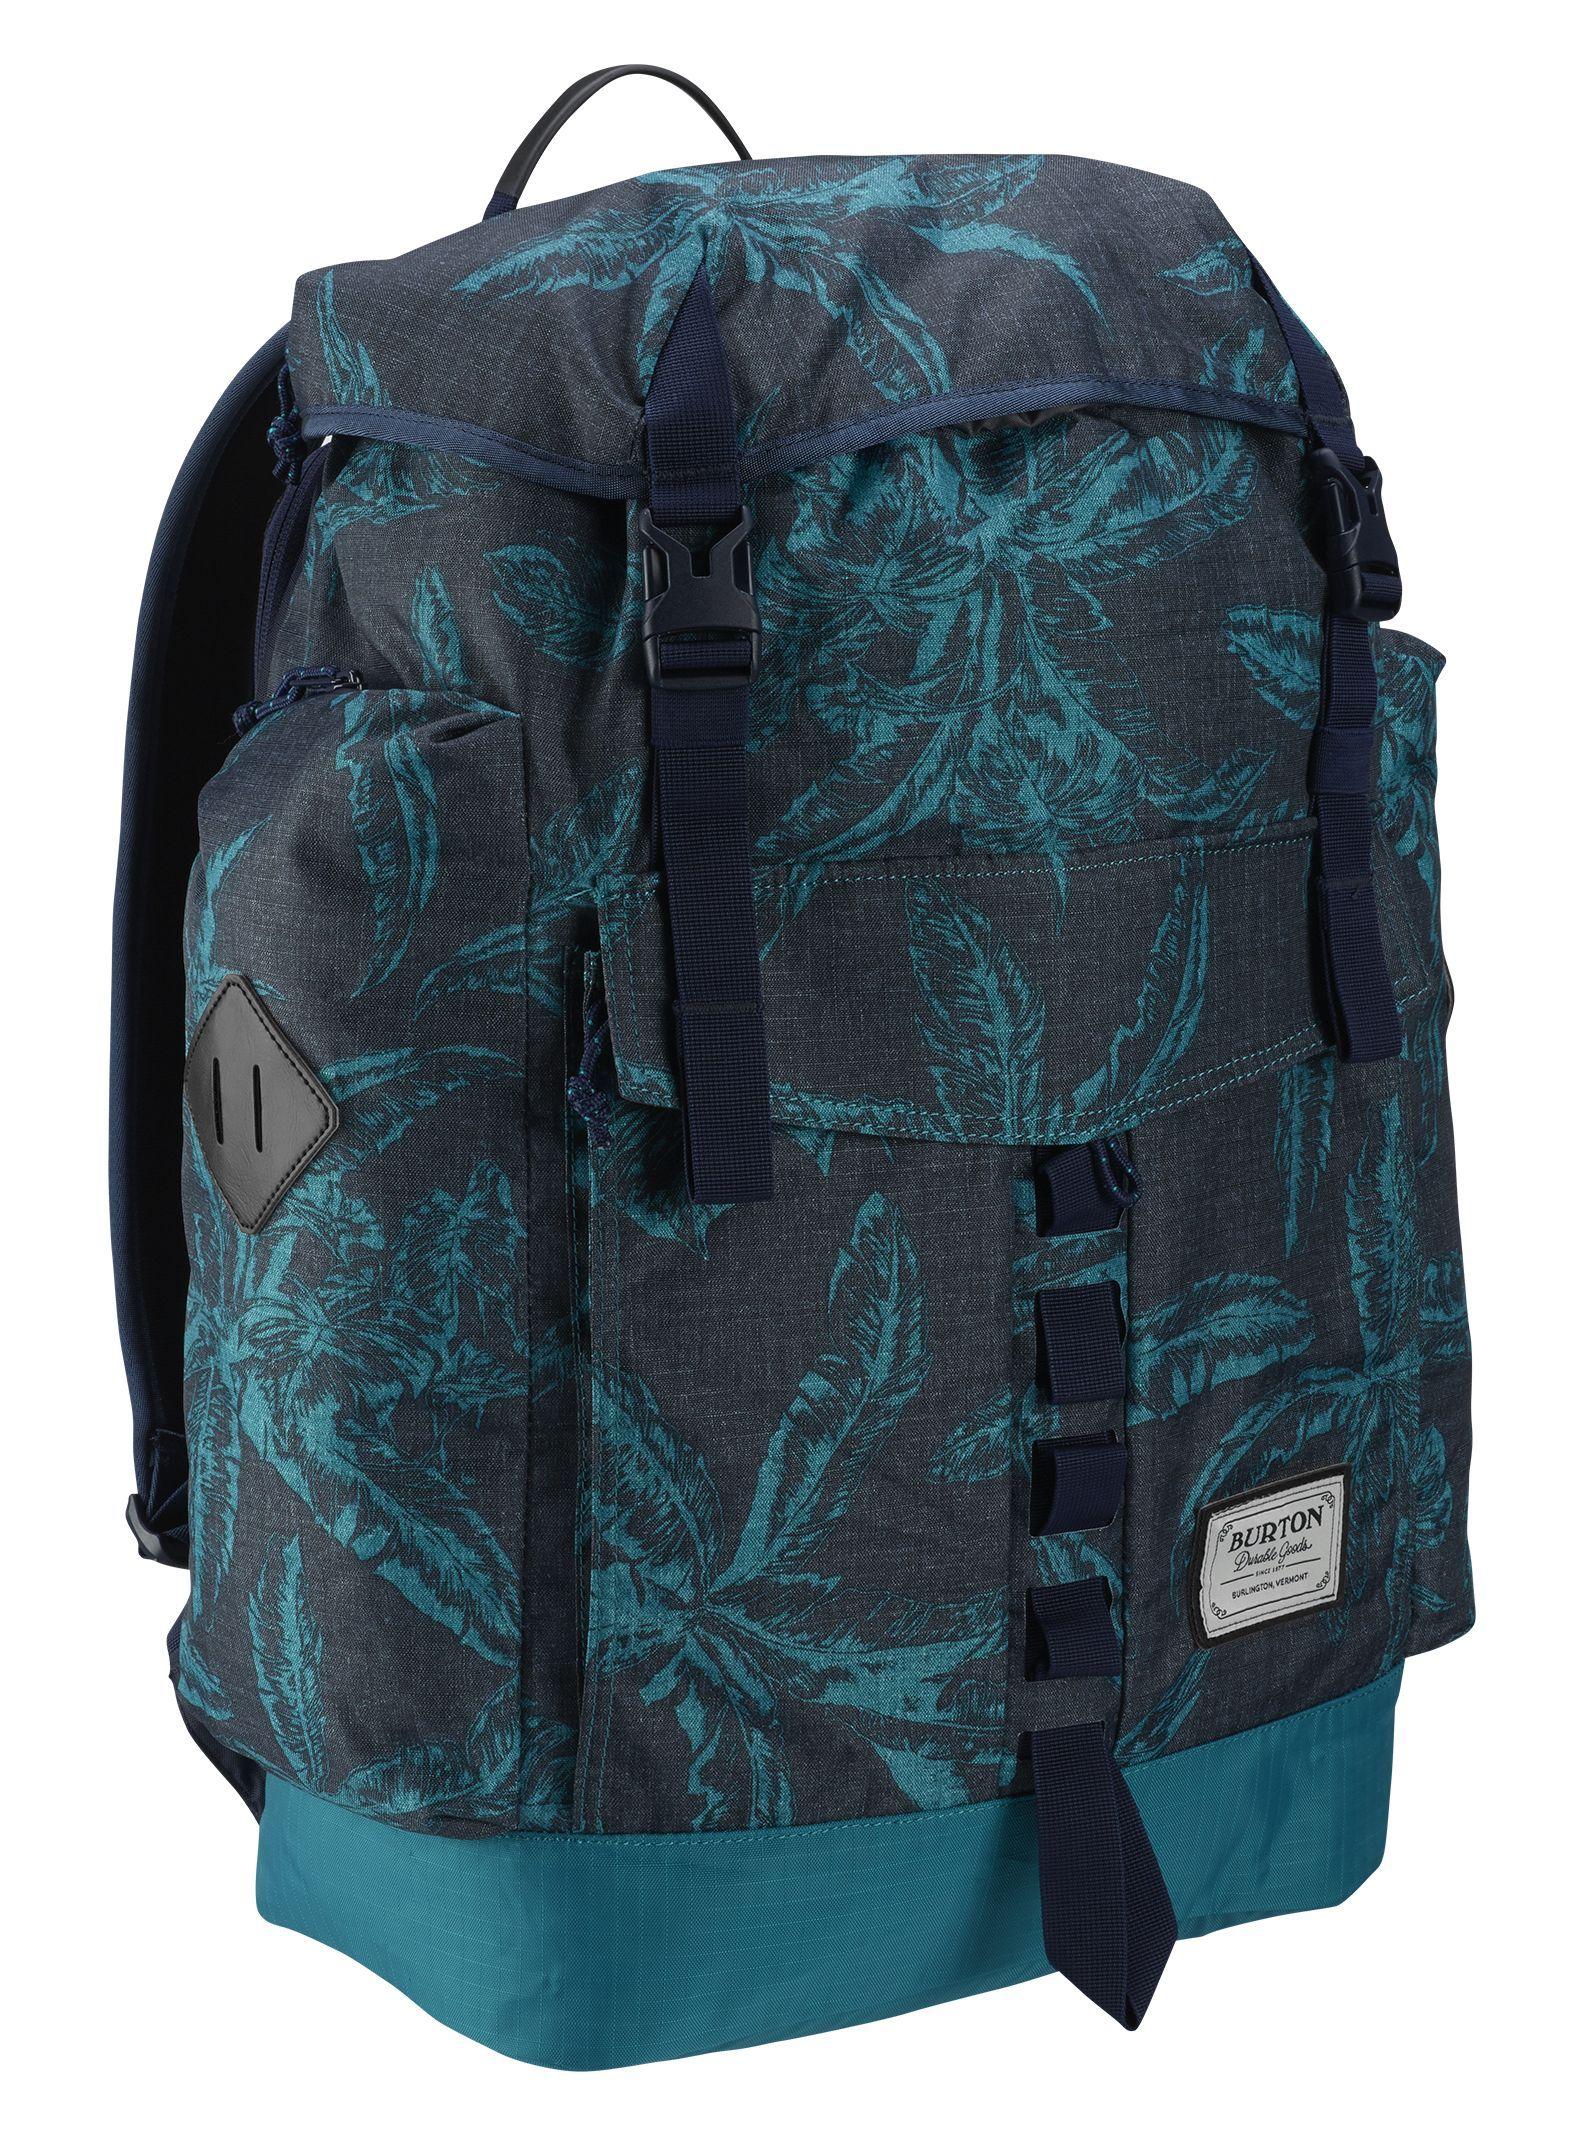 b6ab9017f2 ... duffel bags and snowboarding gear bags. Burton Fathom Backpack